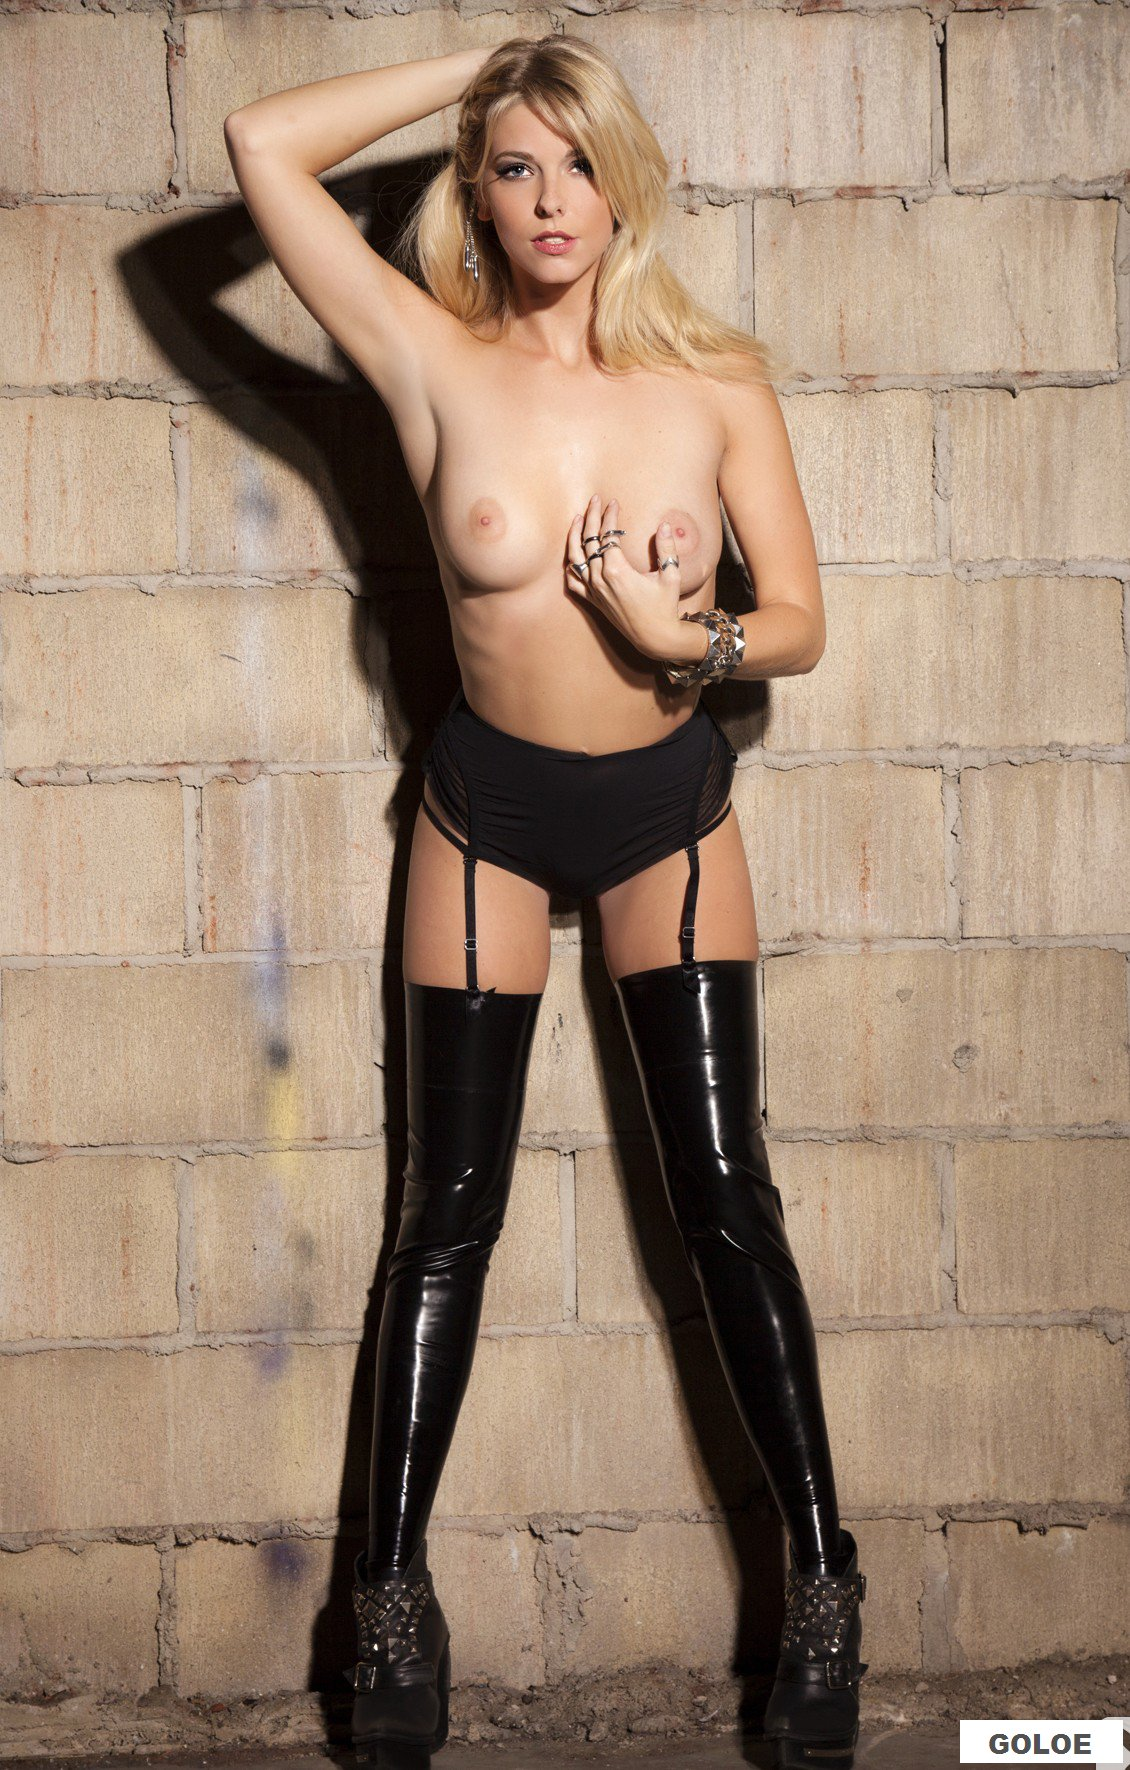 Голая сексуальная телка в Playboy